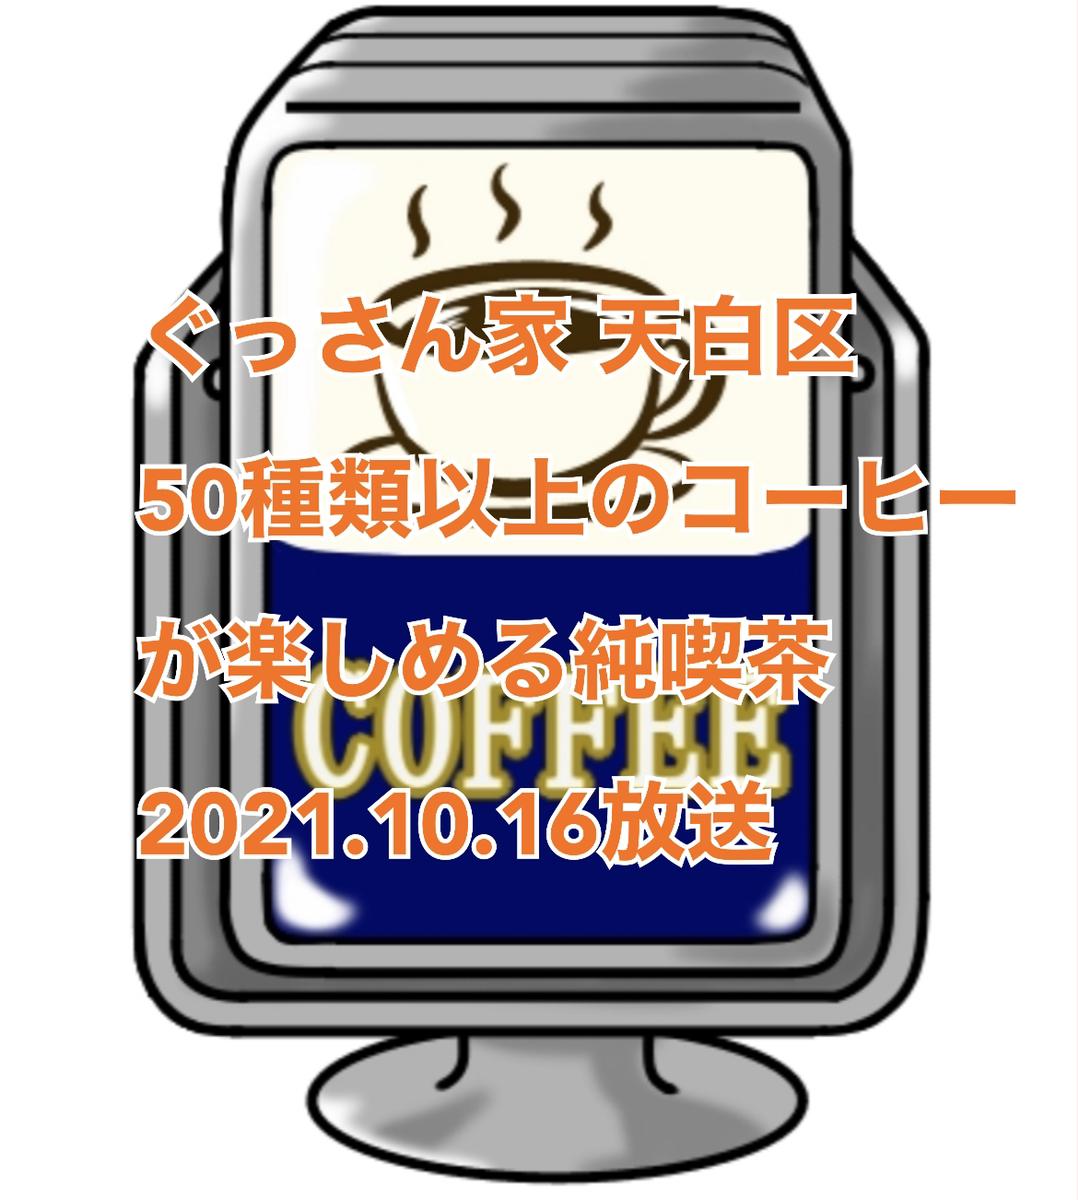 2021年10月16日放送「ぐっさん家」東海テレビ「コーヒーだけで50種類以上ある老舗喫茶店」の『寄鷺館(キリョウカン)』 山口智充